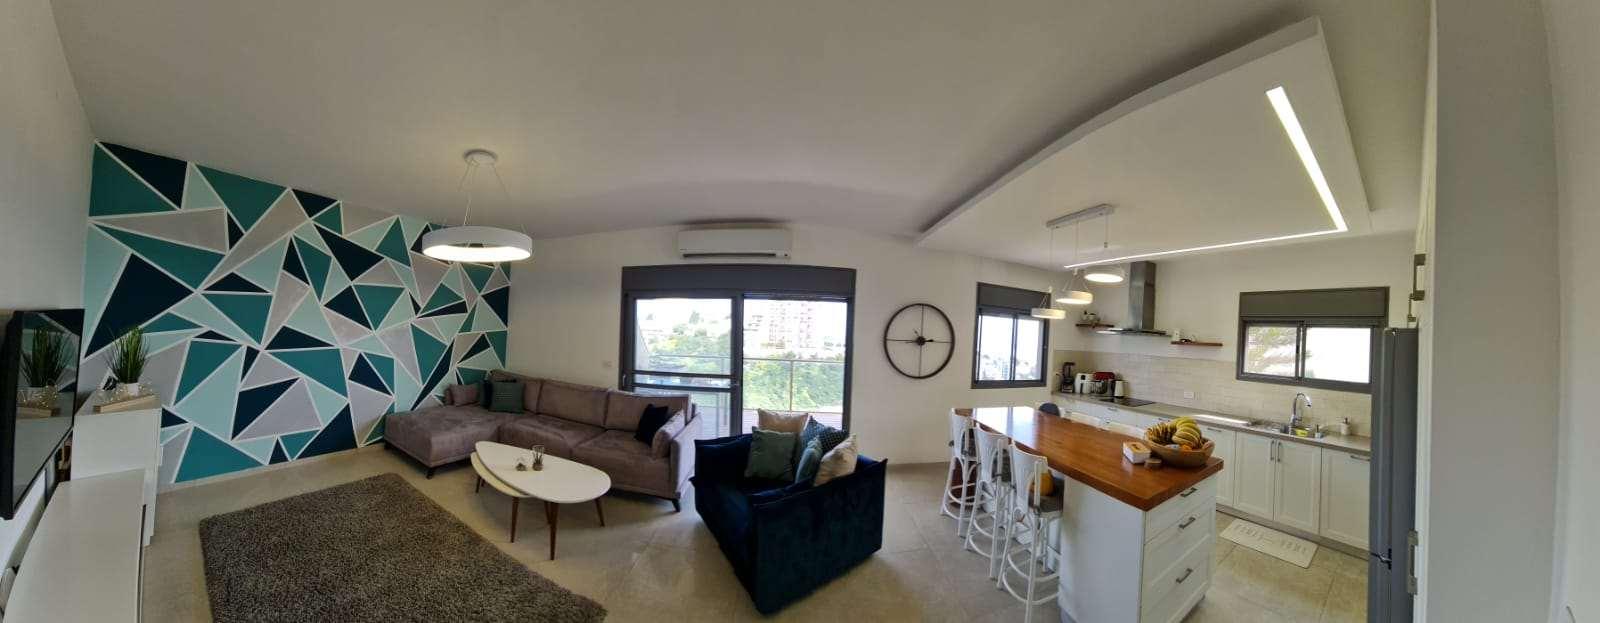 דירה למכירה 4 חדרים בחיפה זאב שוהם